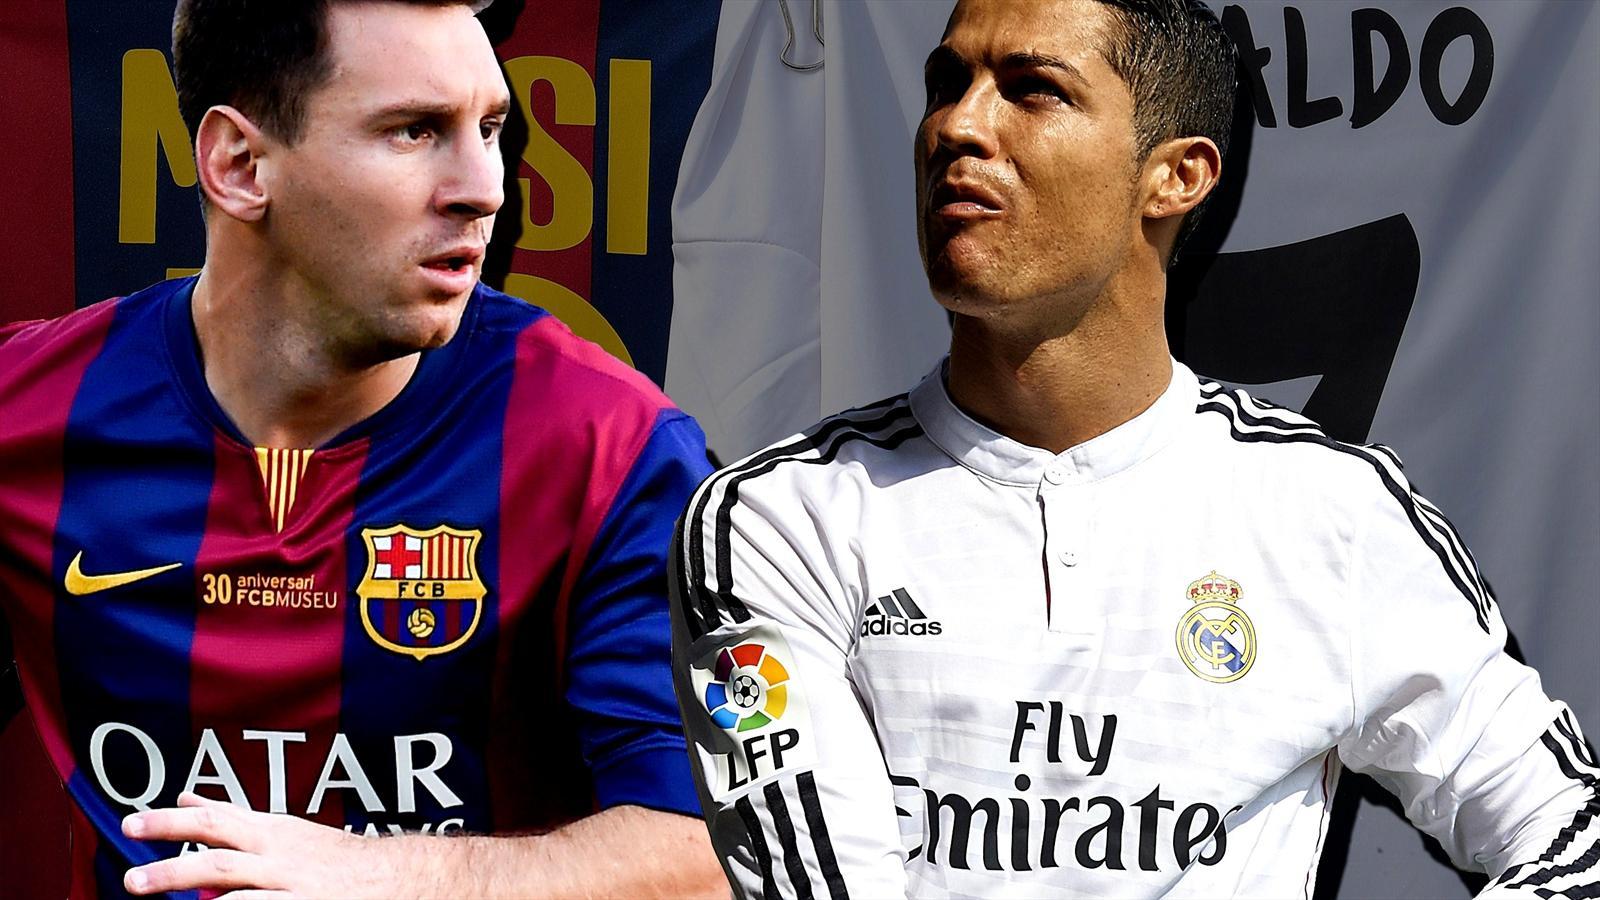 Бартомеу: уверен, что Месси закончит карьеру в Барселоне